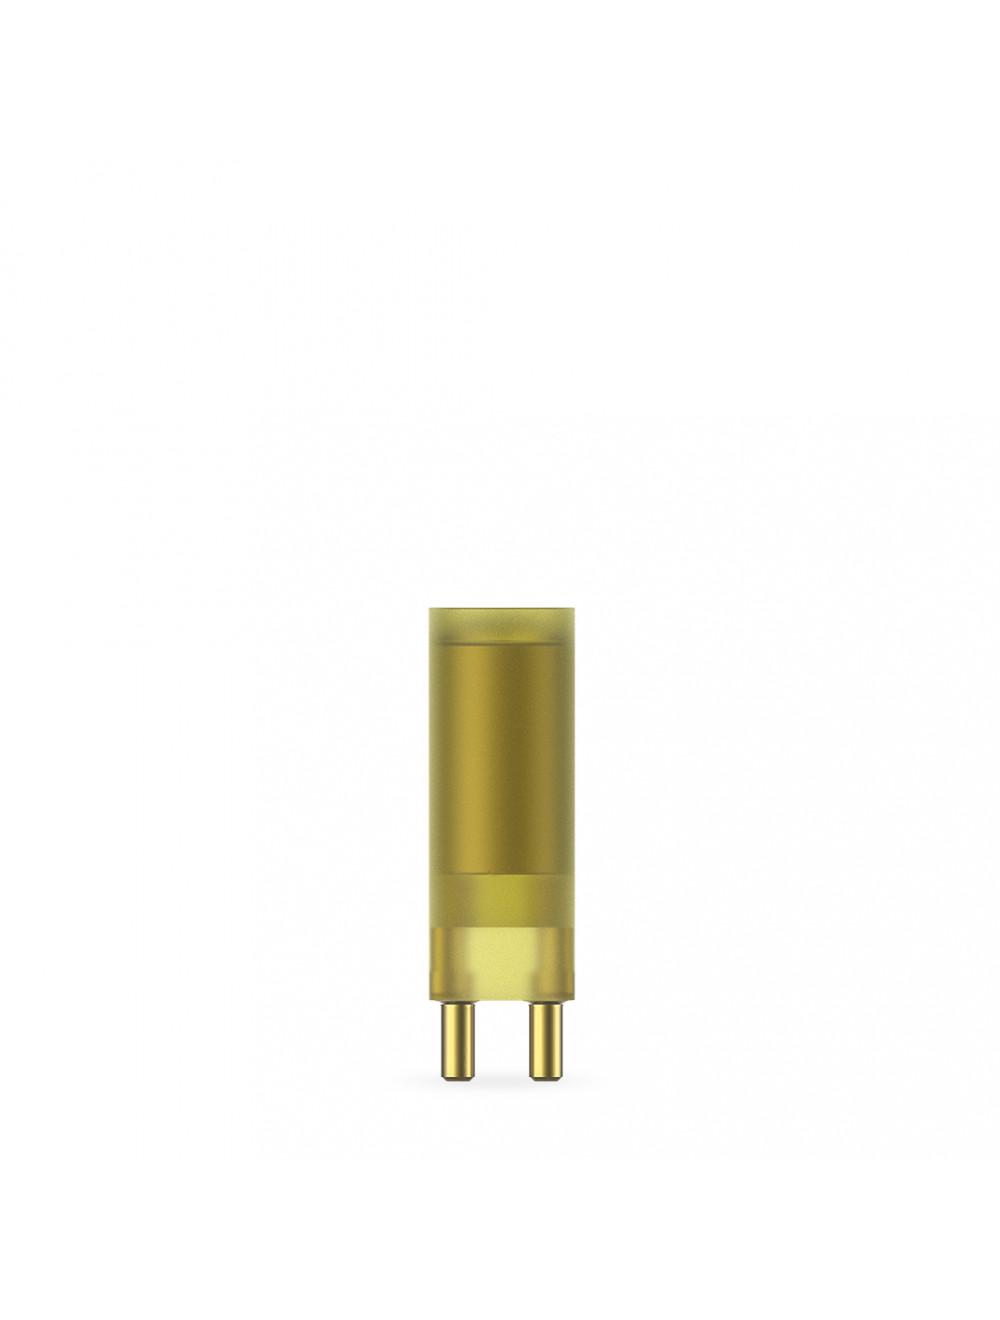 Das Produkt MK-dent LED Lampe BU8012NT aus dem Global-dent online shop.